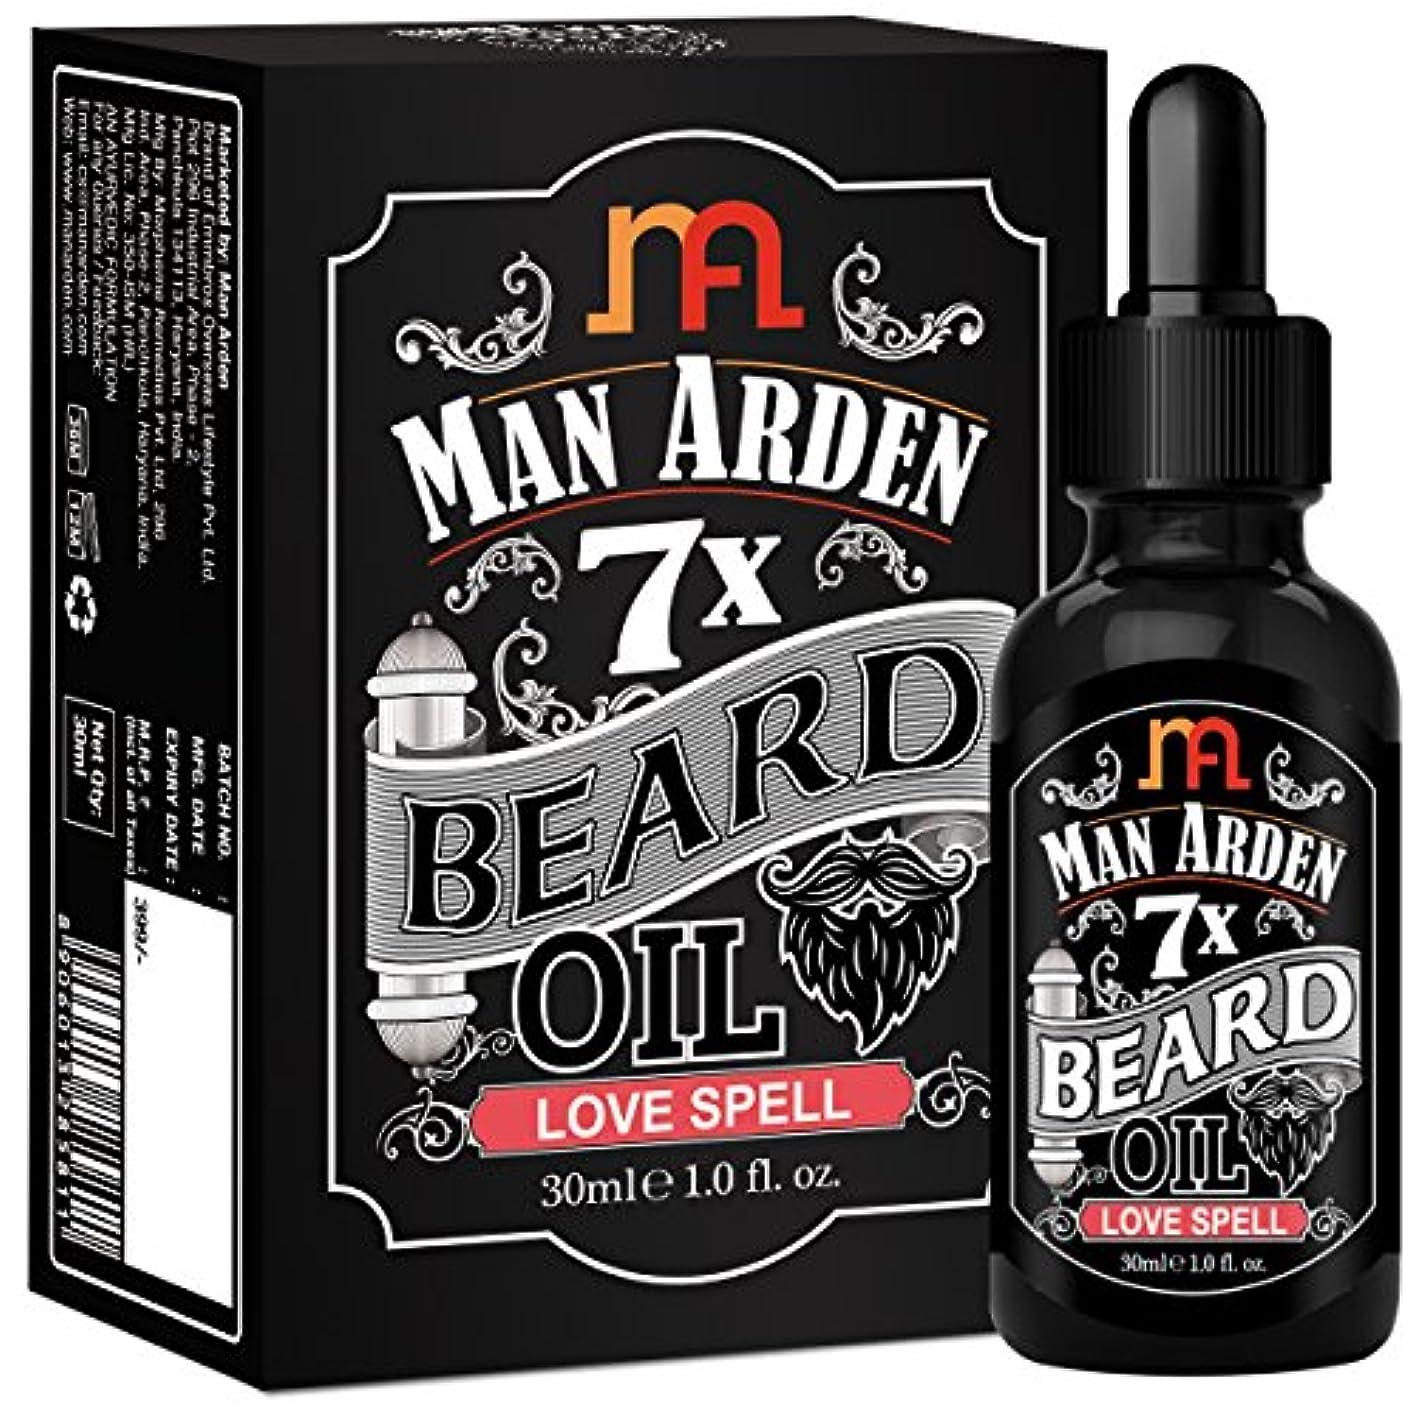 スチュワード優雅メーターMan Arden 7X Beard Oil 30ml (Love Spell) - 7 Premium Oils Blend For Beard Growth & Nourishment